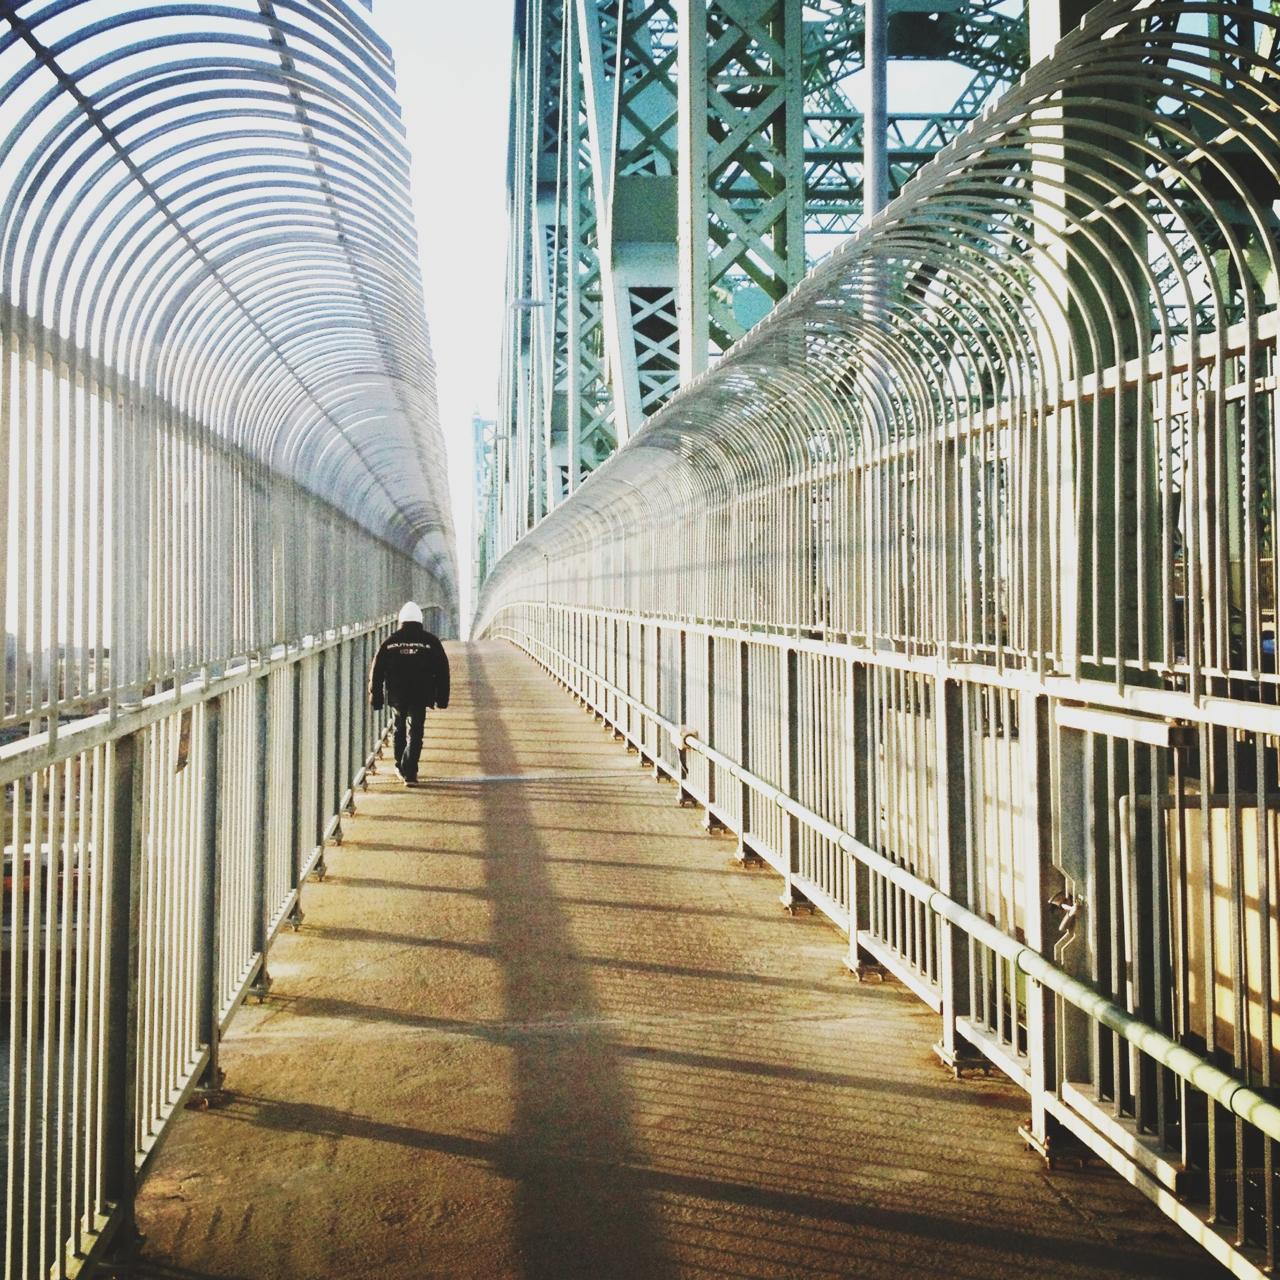 Golden hour walks